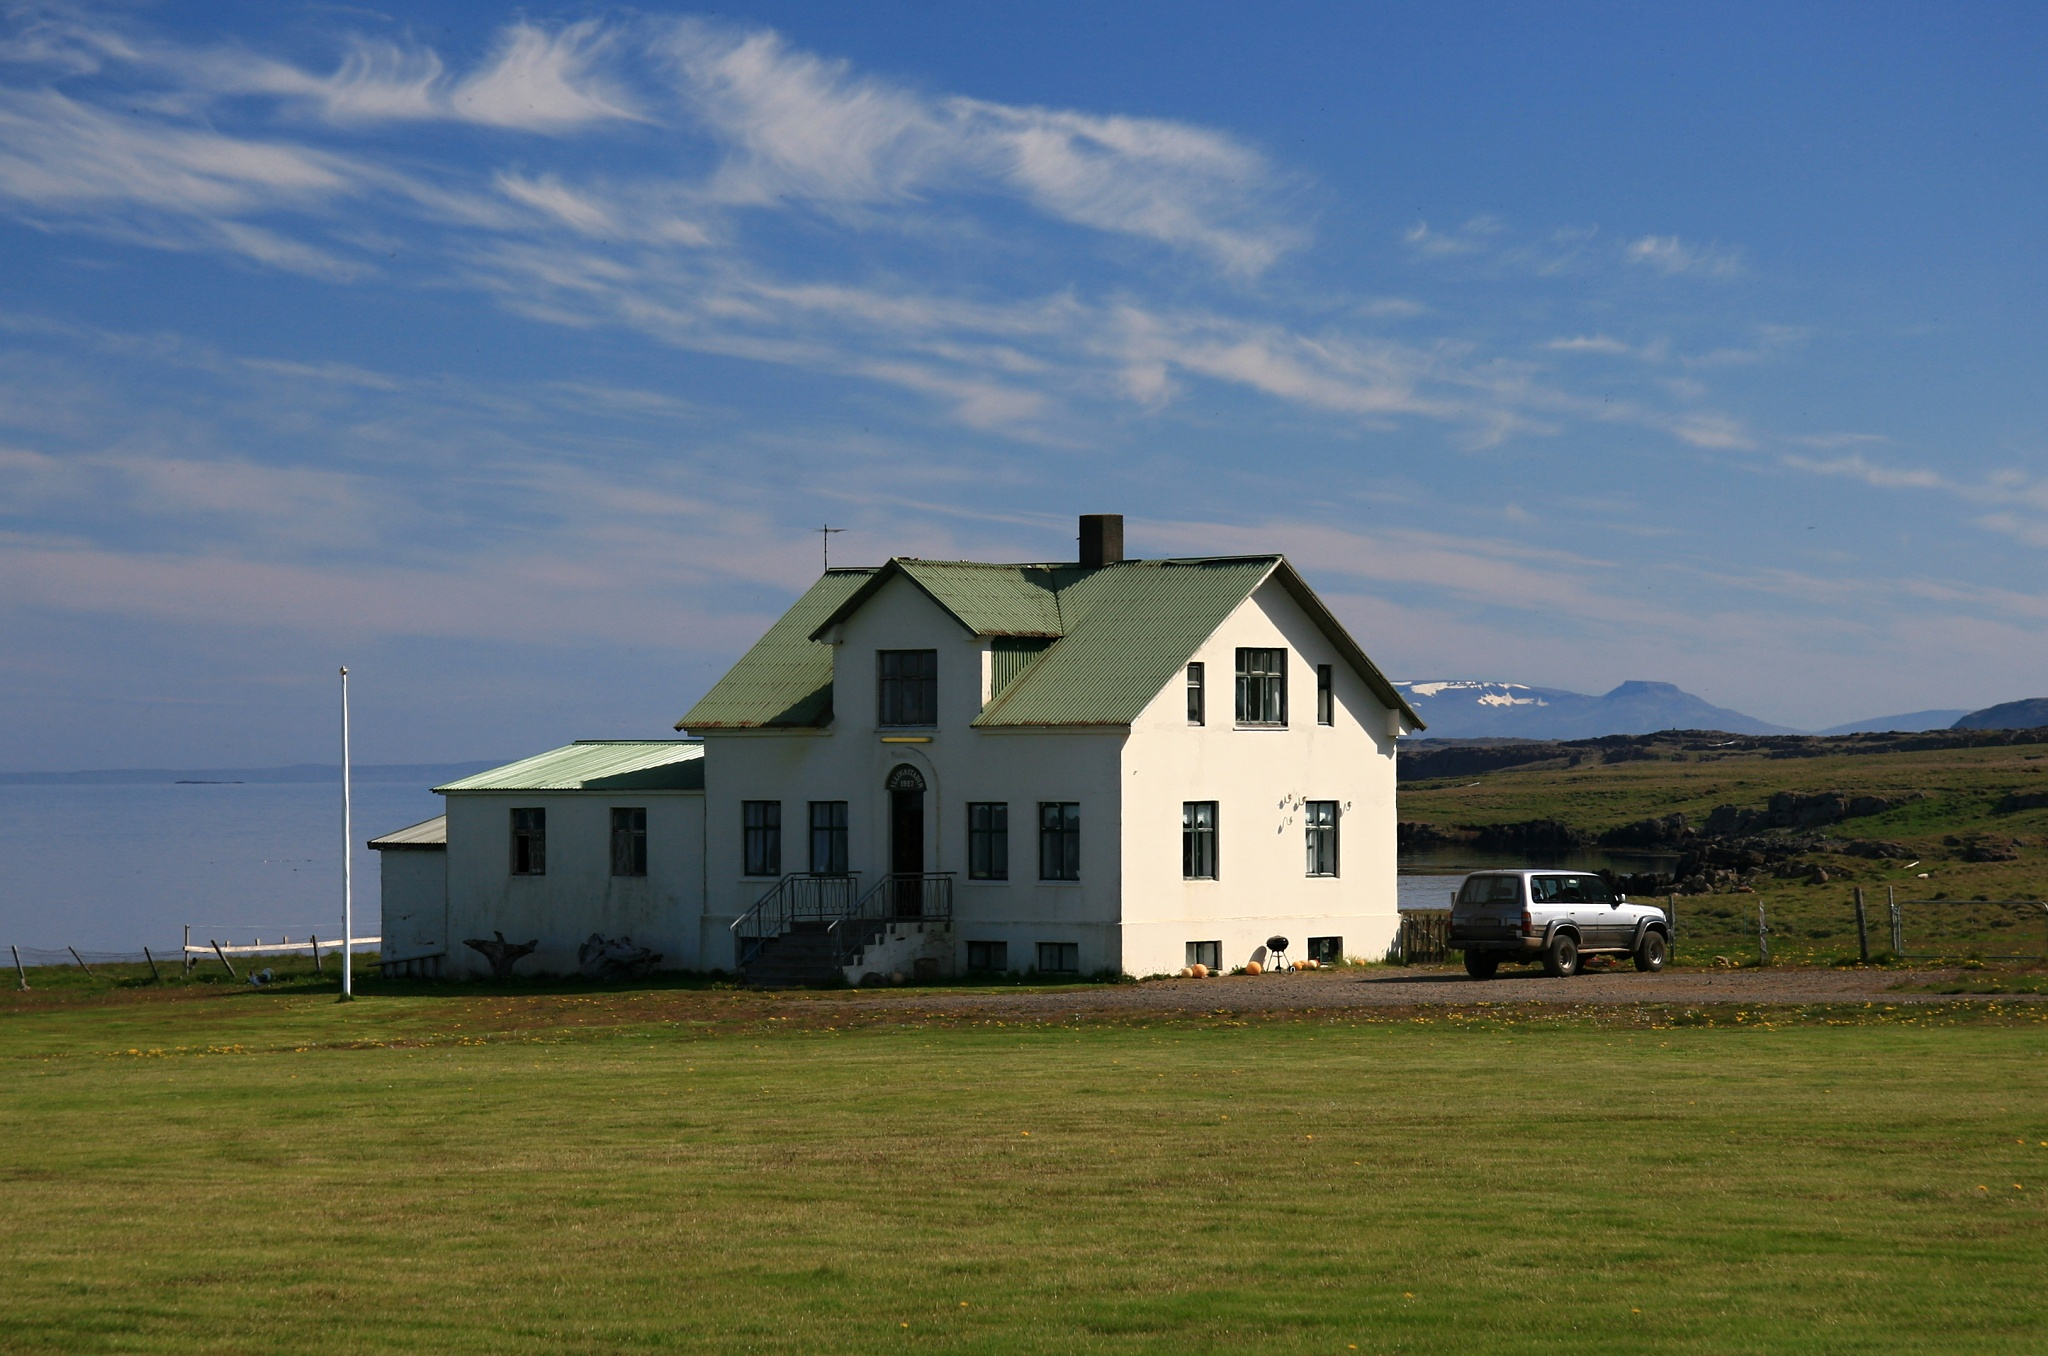 Stará usedlost Illugastadir na poloostrově Vatnsnes poblíž vesnice Hvammstangi